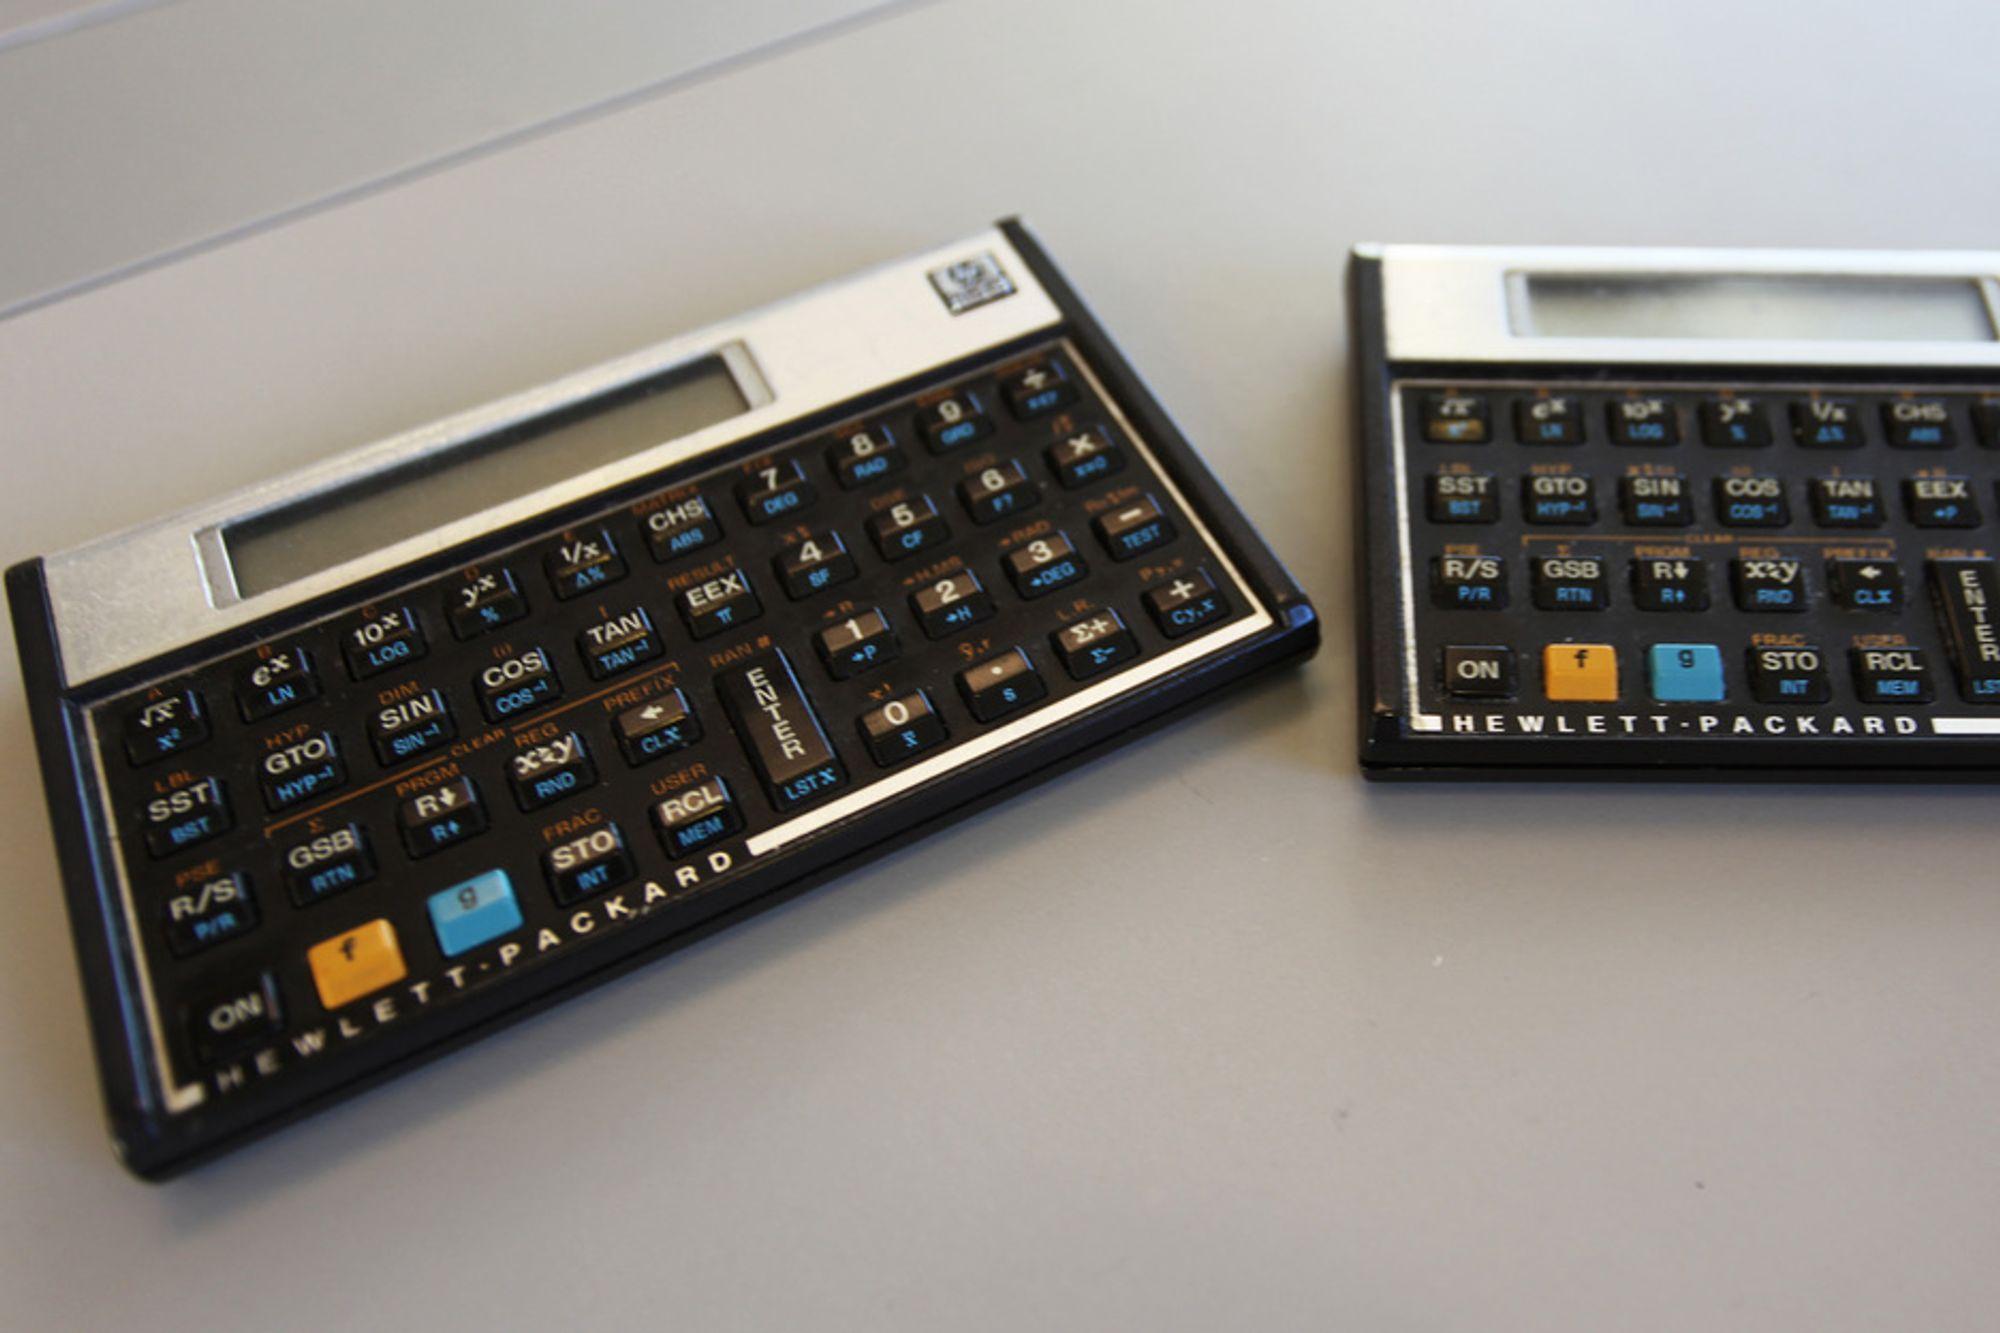 HPs 10C-serie er legendarisk blant ingeniører. Tekna-president Marianne Harg sier for eksempel at hun ikke kan operere en kalkulator uten omvendt polsk notasjon.